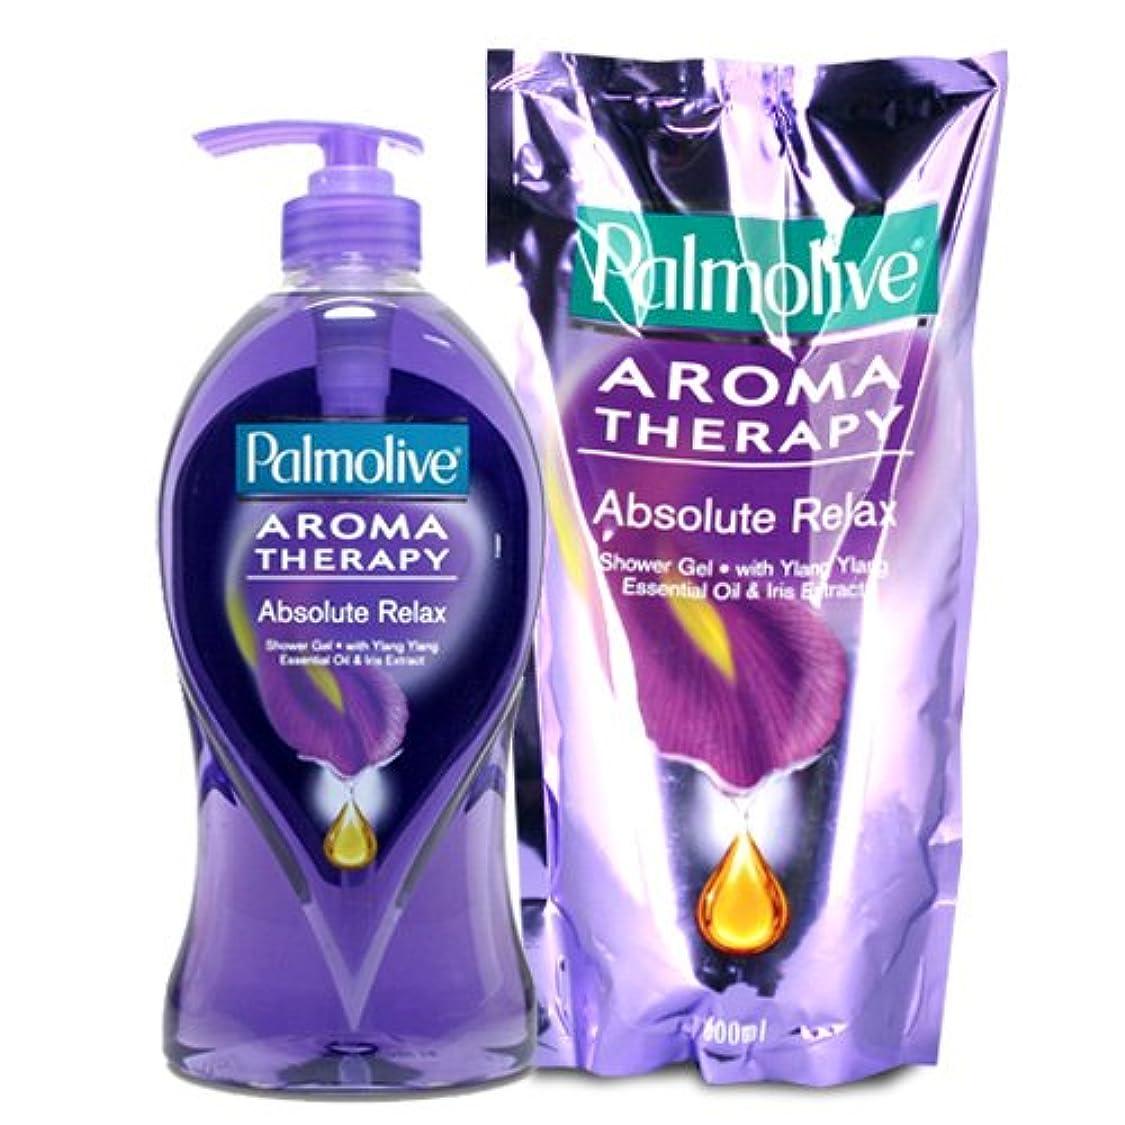 実質的複雑な飼料【Palmolive】パルモリーブ アロマセラピーシャワージェル ボトルと詰め替えのセット (アブソルートリラックス)